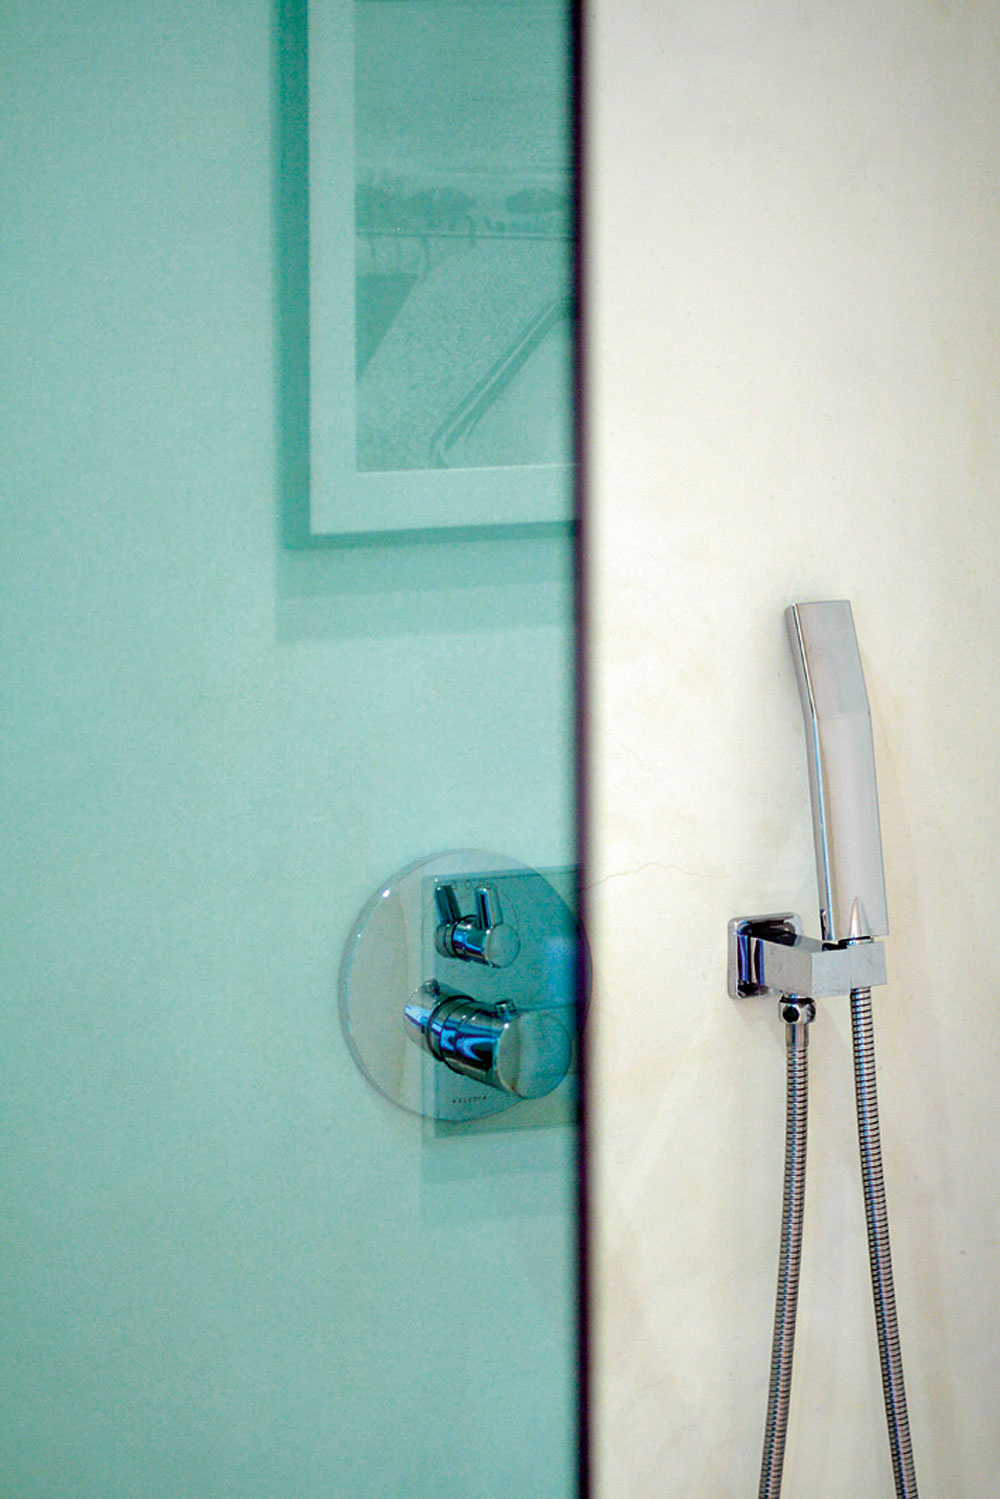 Manžel uprednostňuje sprchovanie za zelenou sklenenou stenou dovezenou zTalianska.